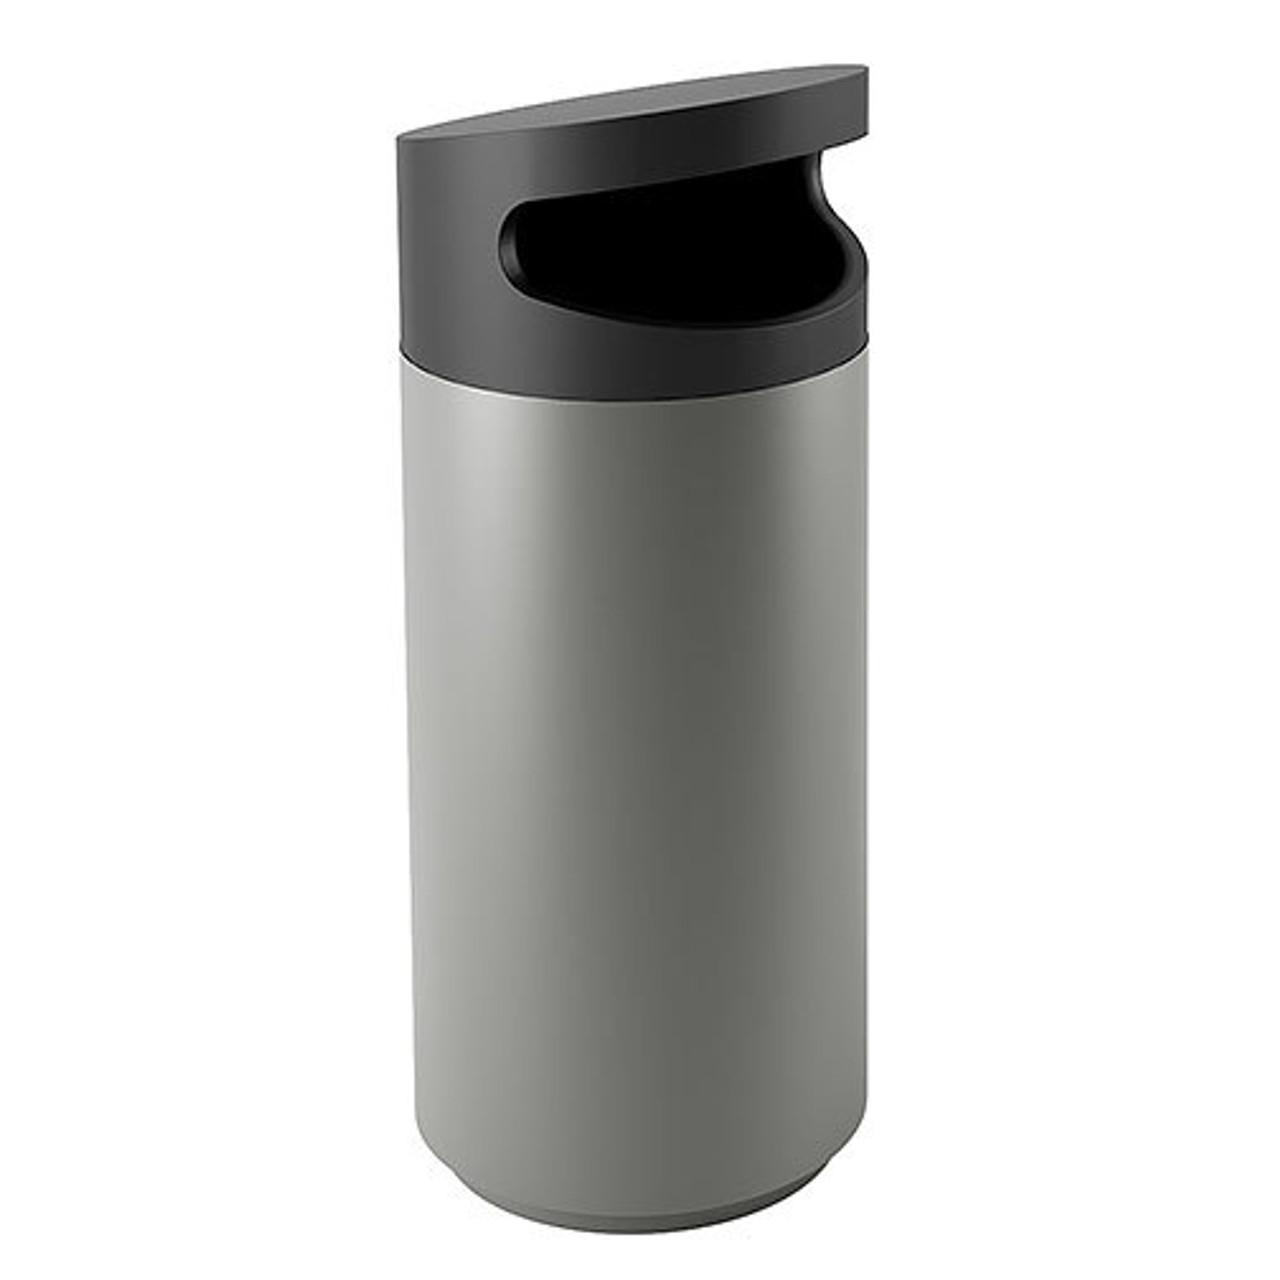 Peter Pepper Tilt Recycling Bins